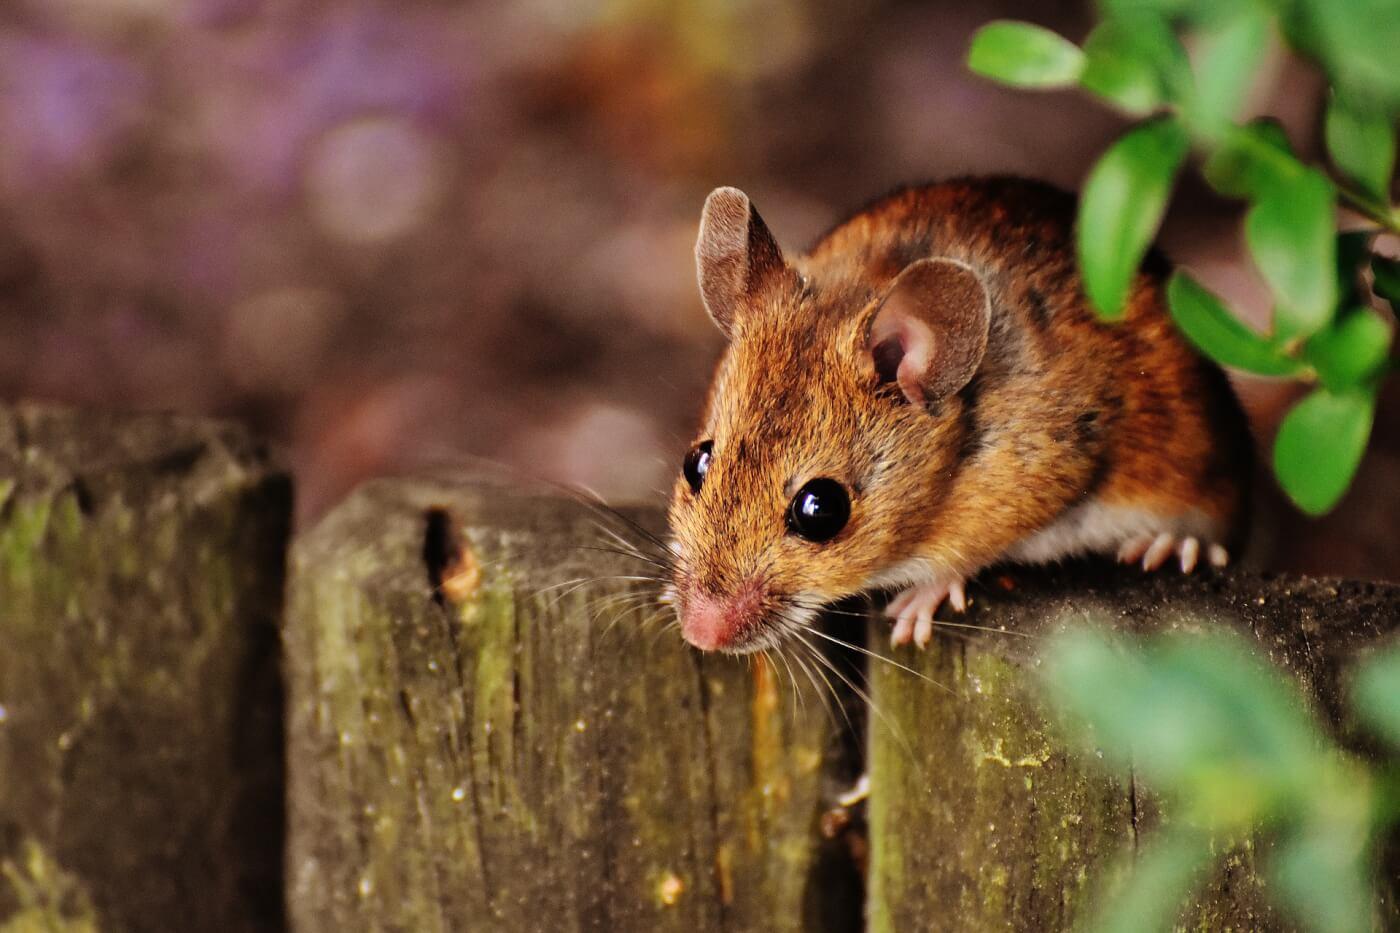 Handleiding voor het humaan verwijderen van muizen: 9 stappen voor een knaagdiervrij huis